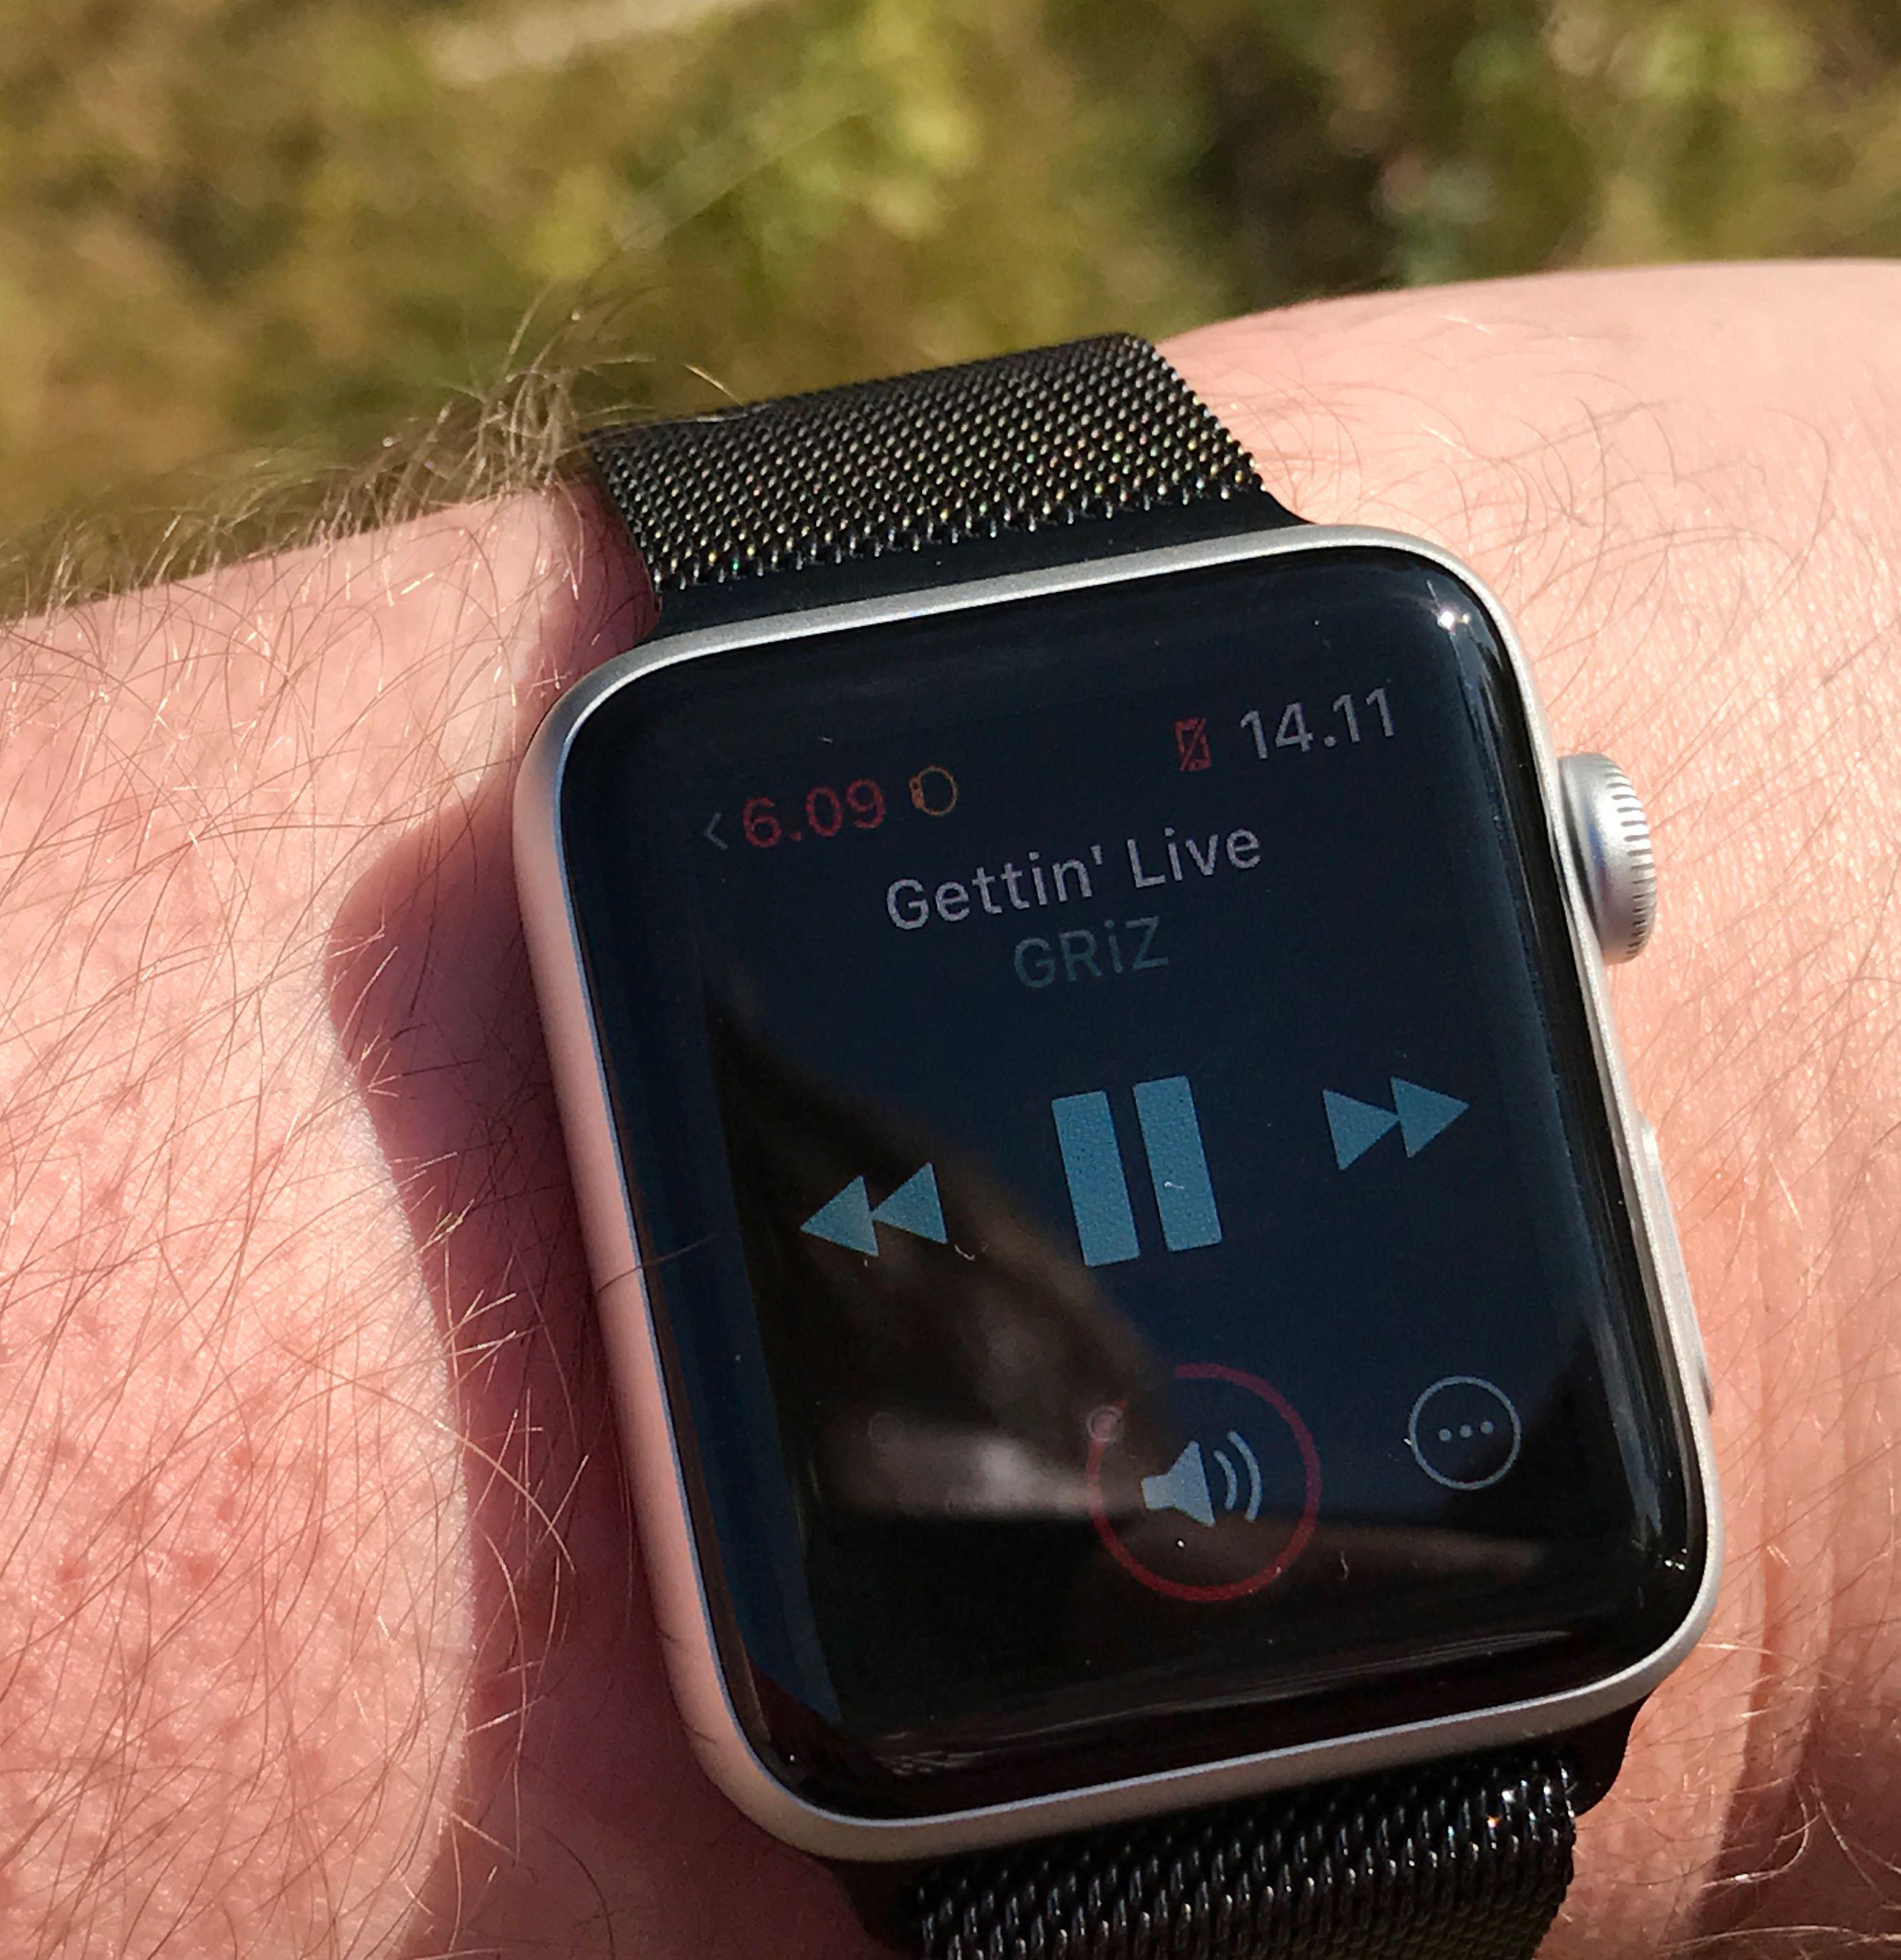 Når du først har fått lyden over på Apple Watch er det helt fortreffelig å la telefonen ligge igjen hjemme, med bare klokken og hodetelefoner som utstyr på tur.